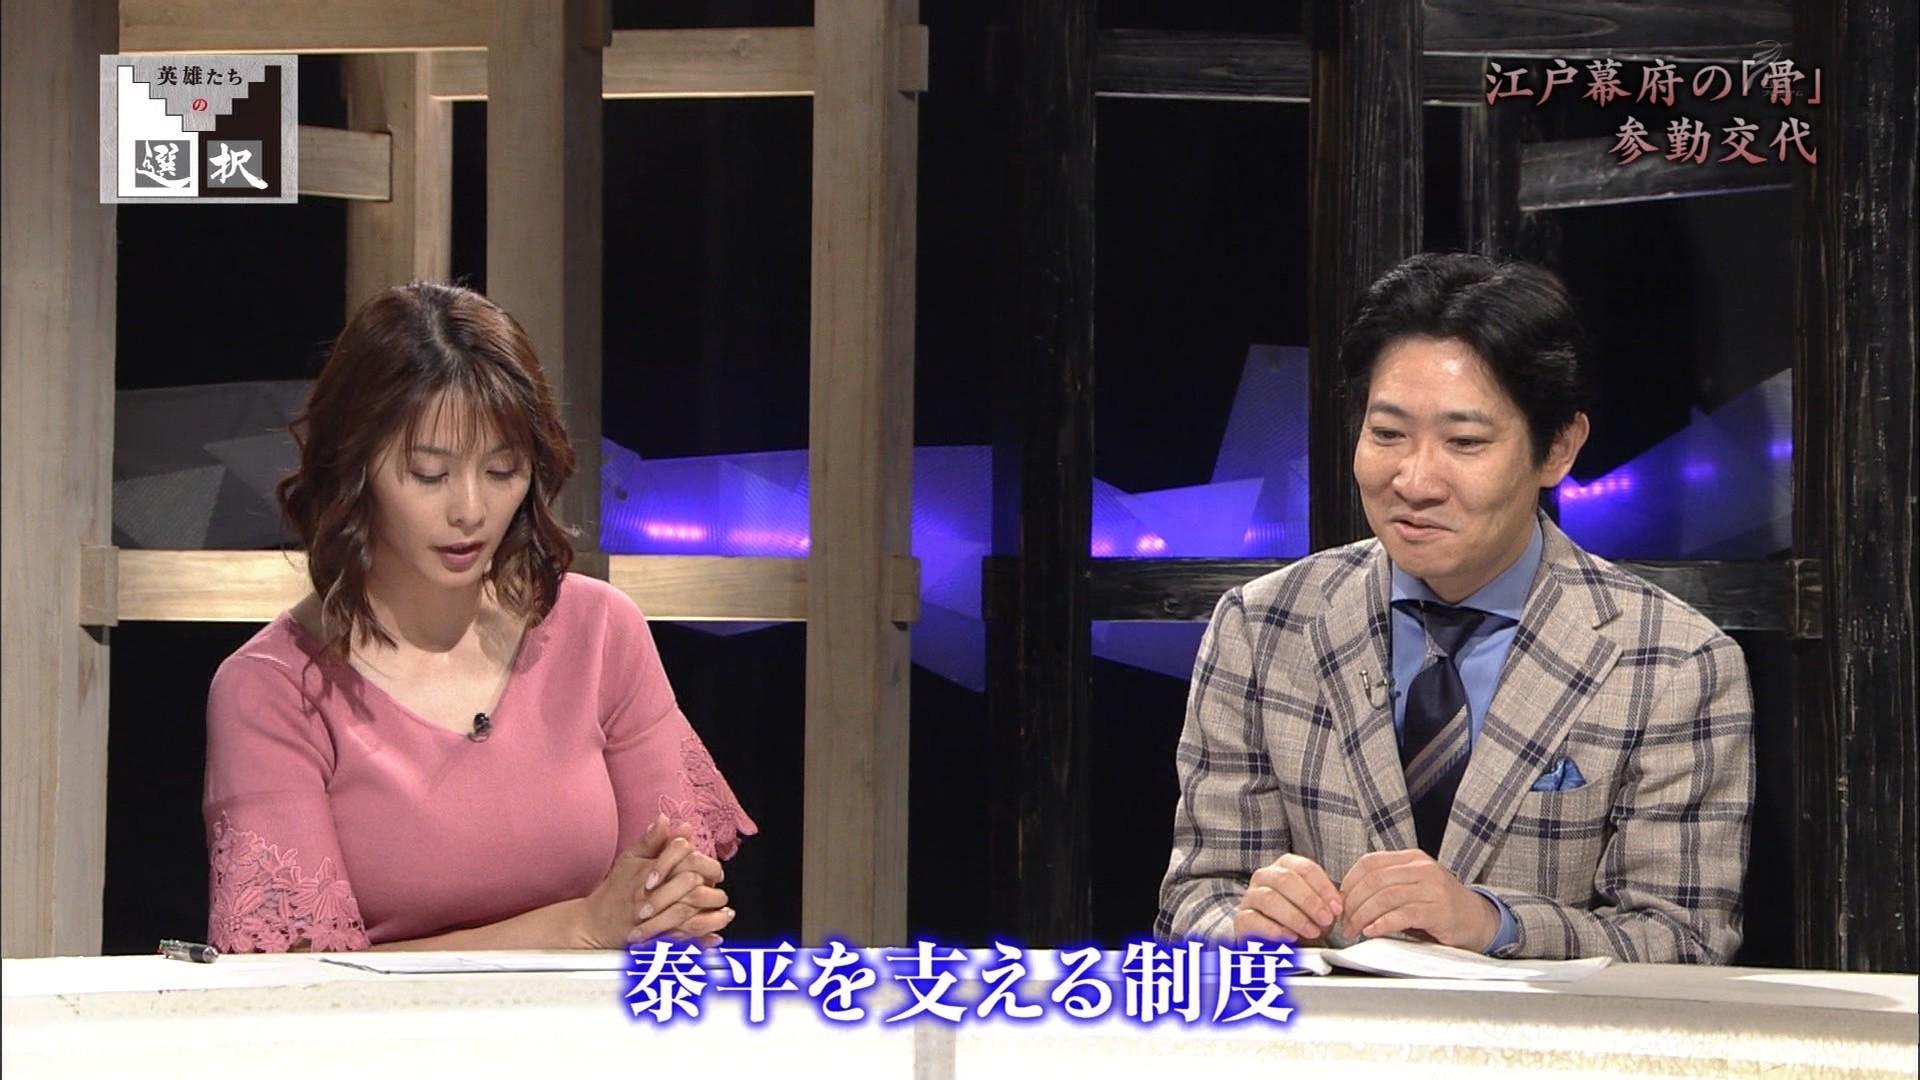 杉浦友紀_女子アナ_着衣巨乳_英雄たちの選択_11